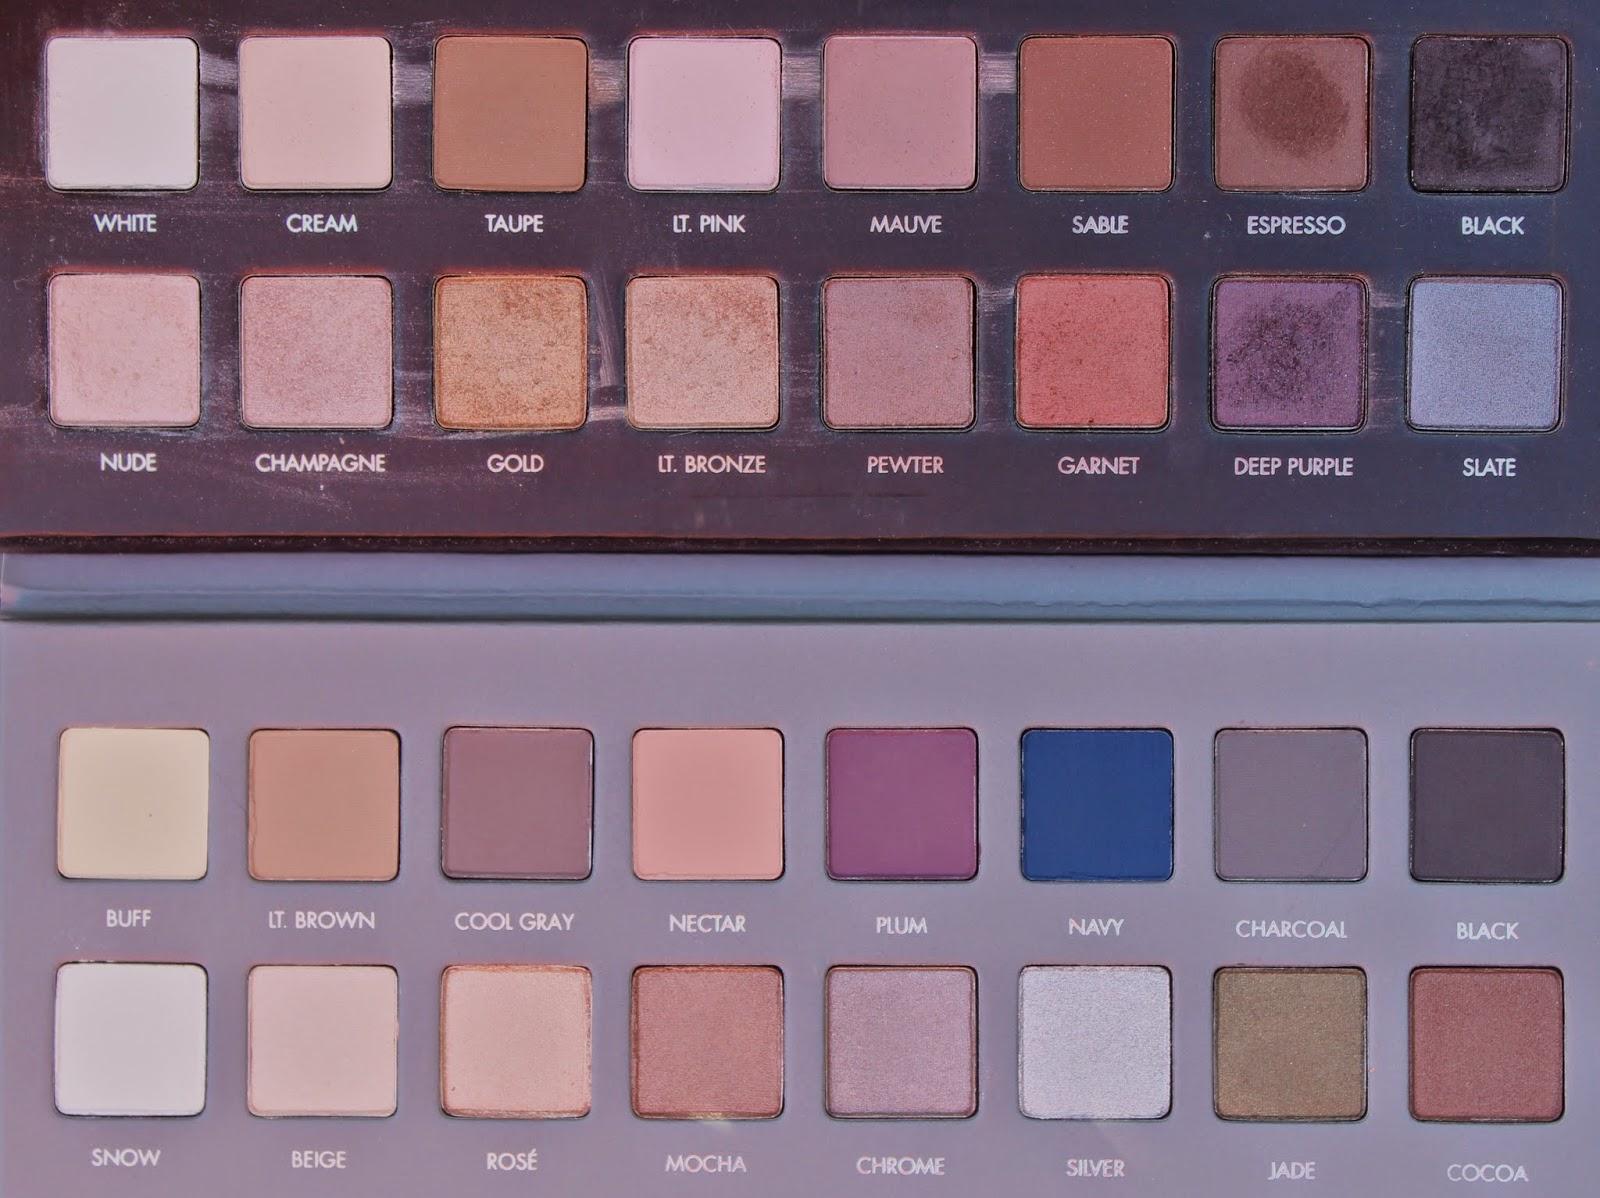 Lorac Pro Palette comparison